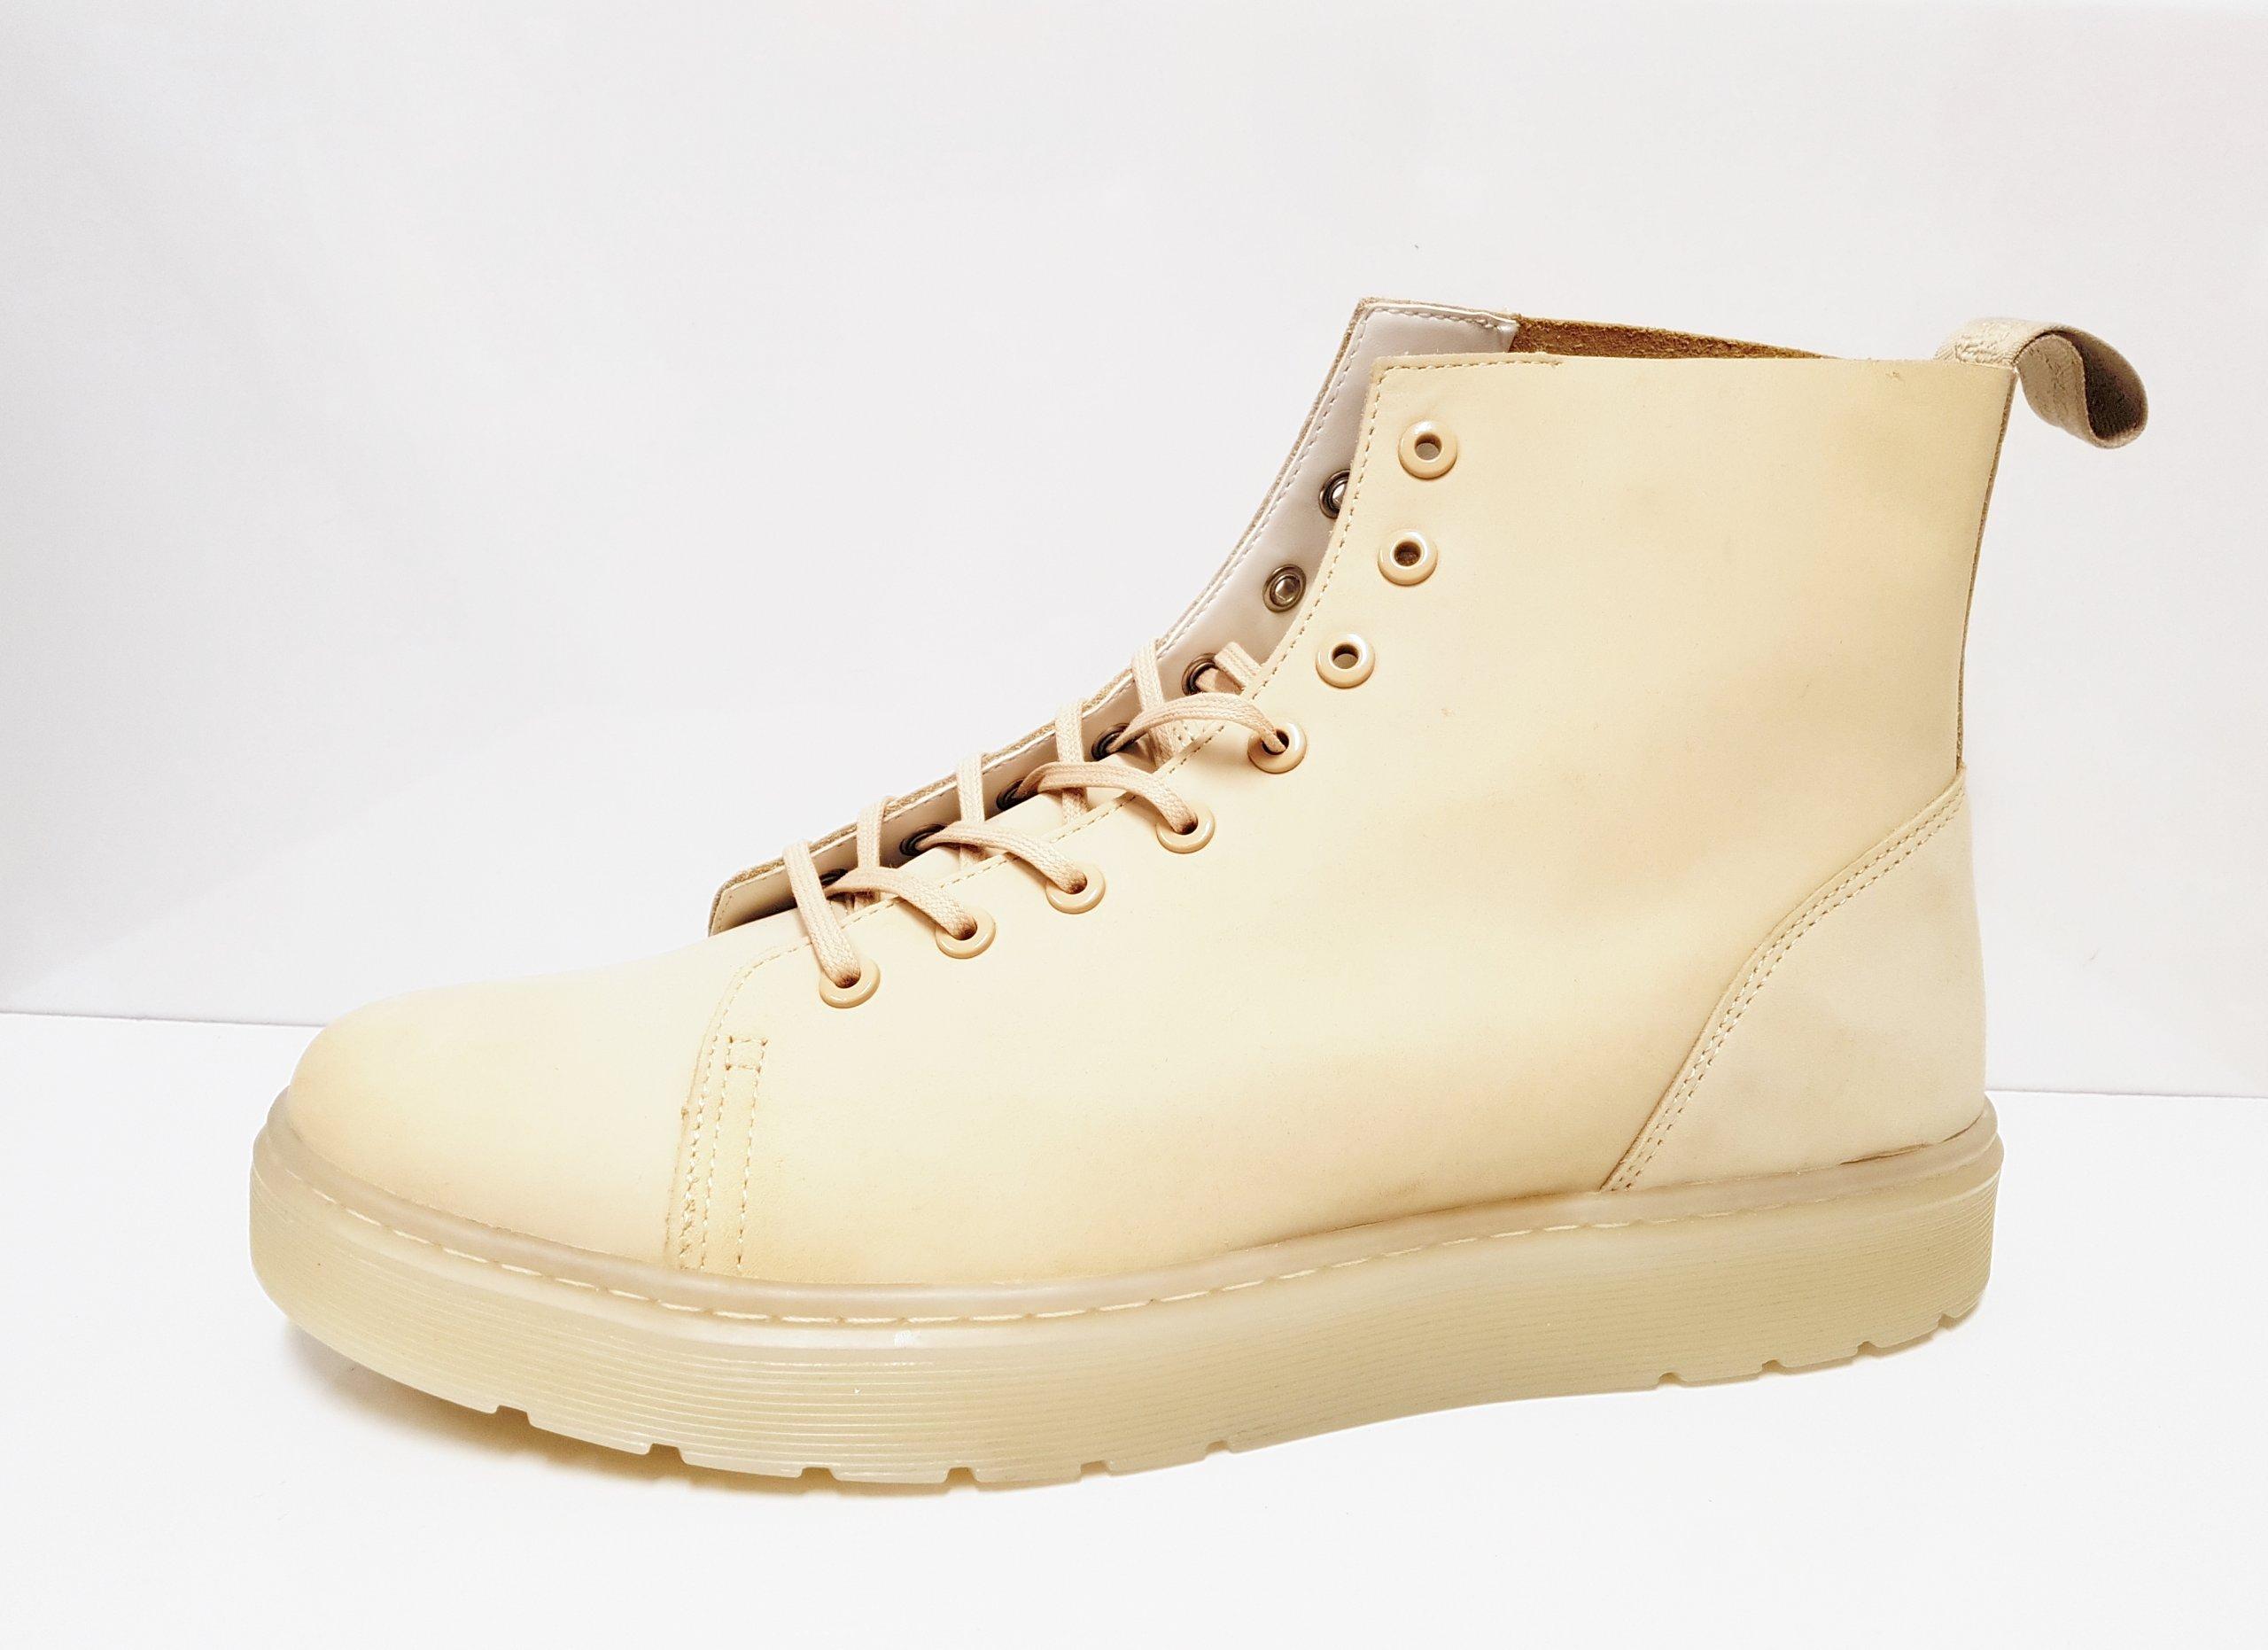 sprzedaż usa online buty do biegania cała kolekcja BUTY MĘSKIE GLANY DR. MARTENS 47 TALIB COMBAT